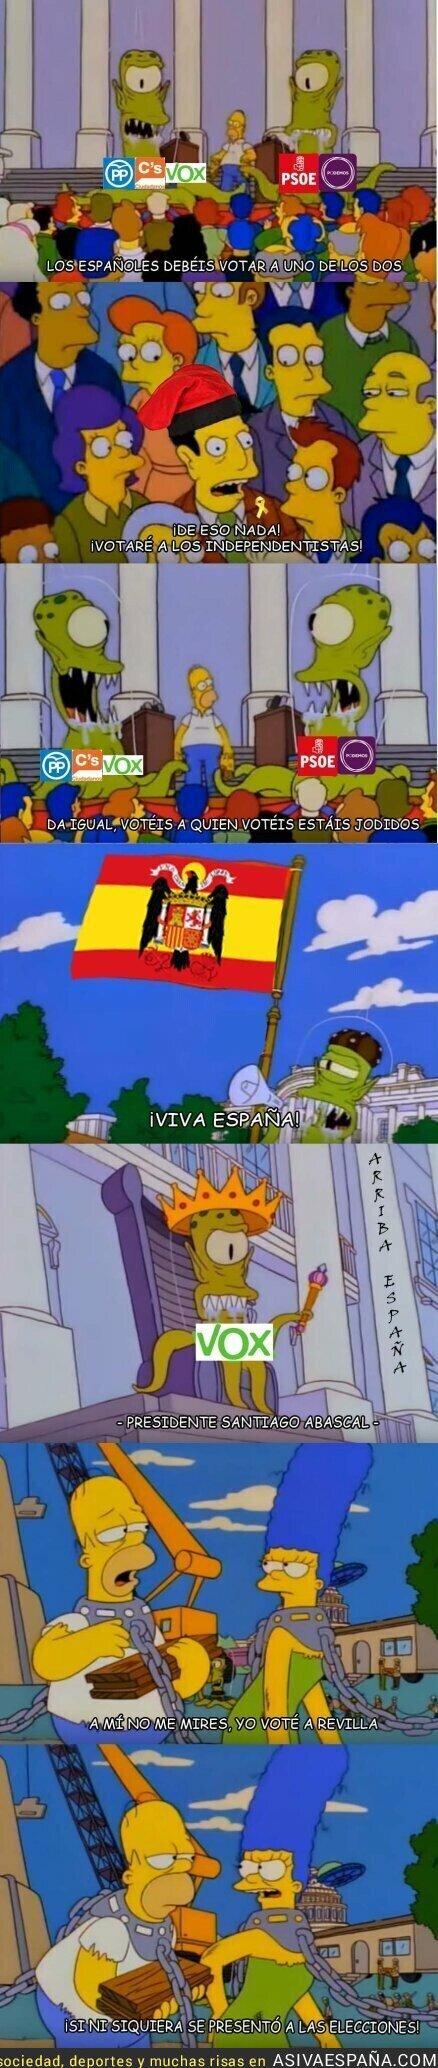 105437 - Resumen de las próximas elecciones en España